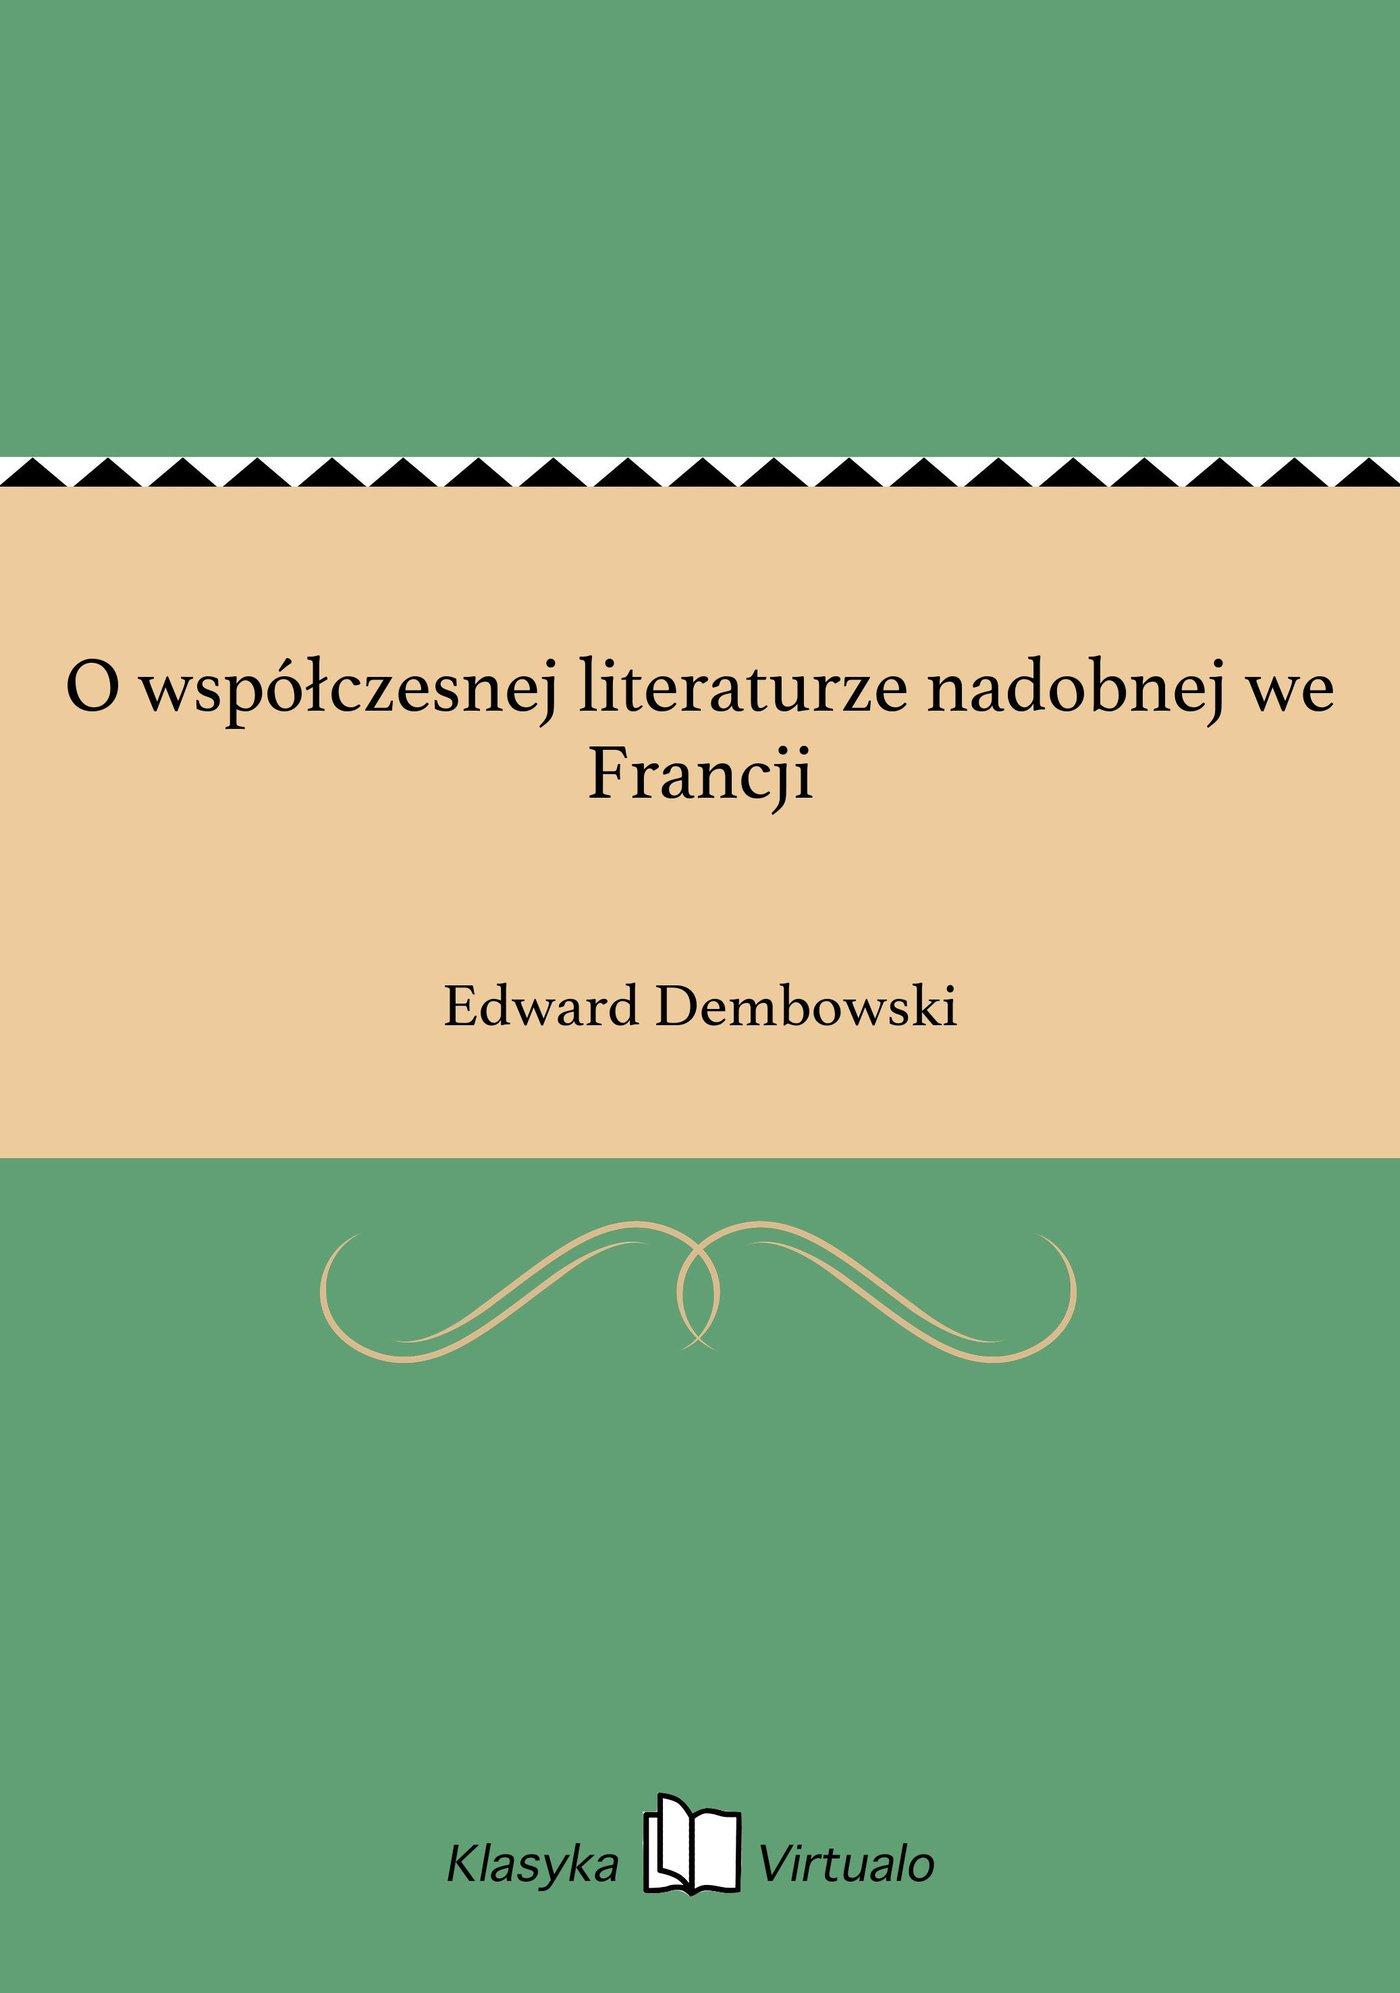 O współczesnej literaturze nadobnej we Francji - Ebook (Książka EPUB) do pobrania w formacie EPUB